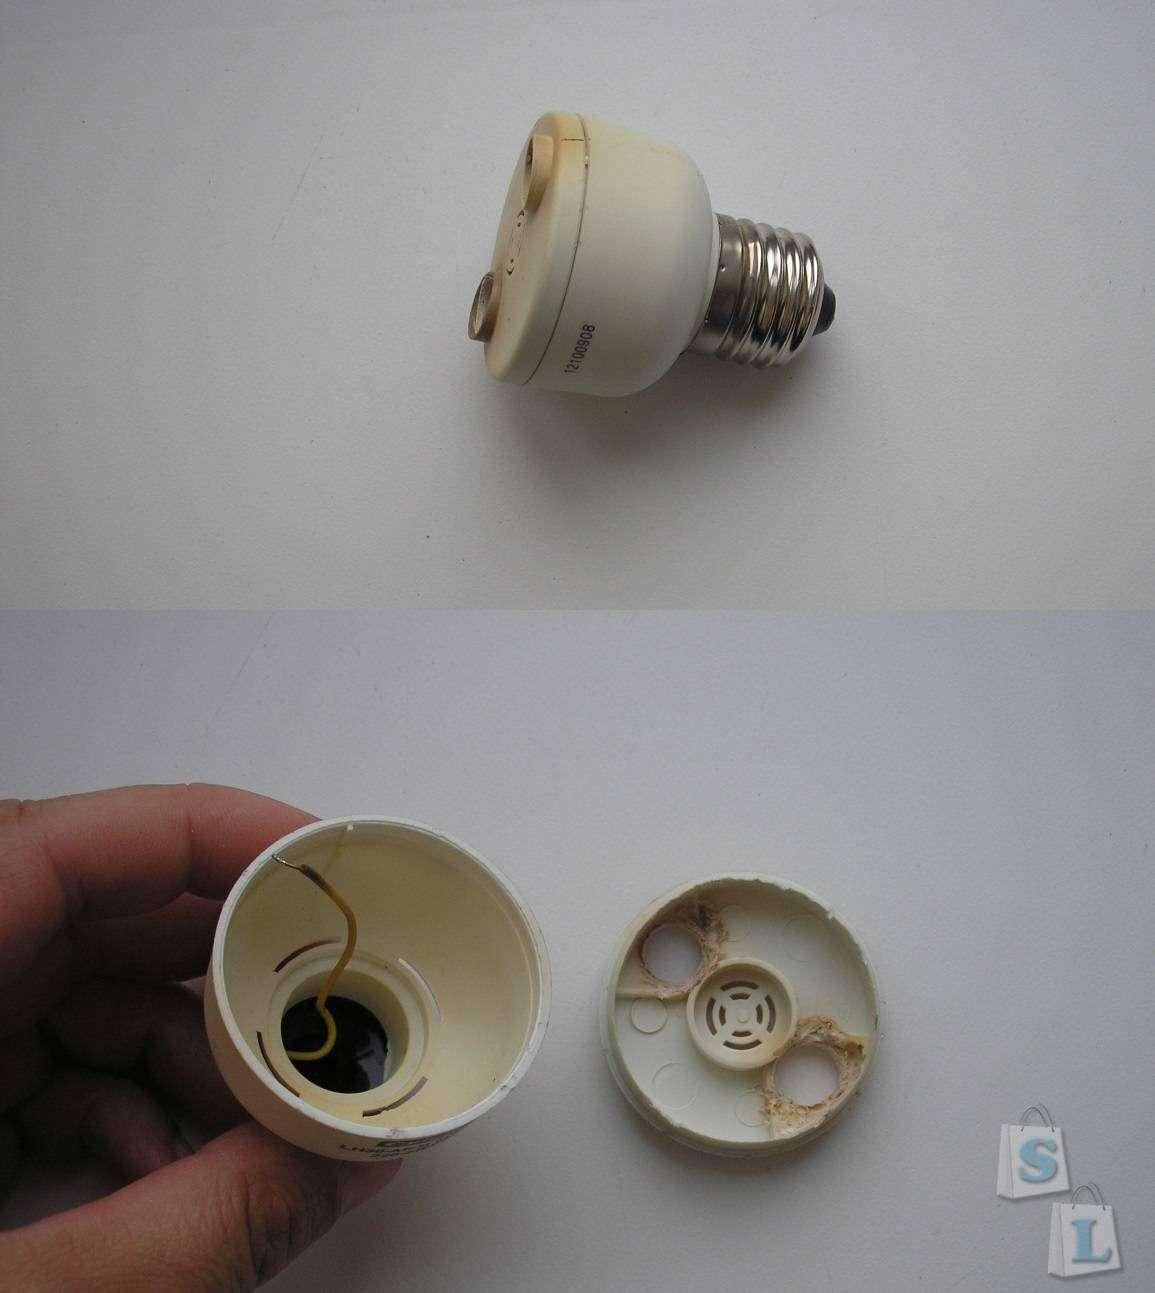 Aliexpress: Светодиодная лампочка своими руками.